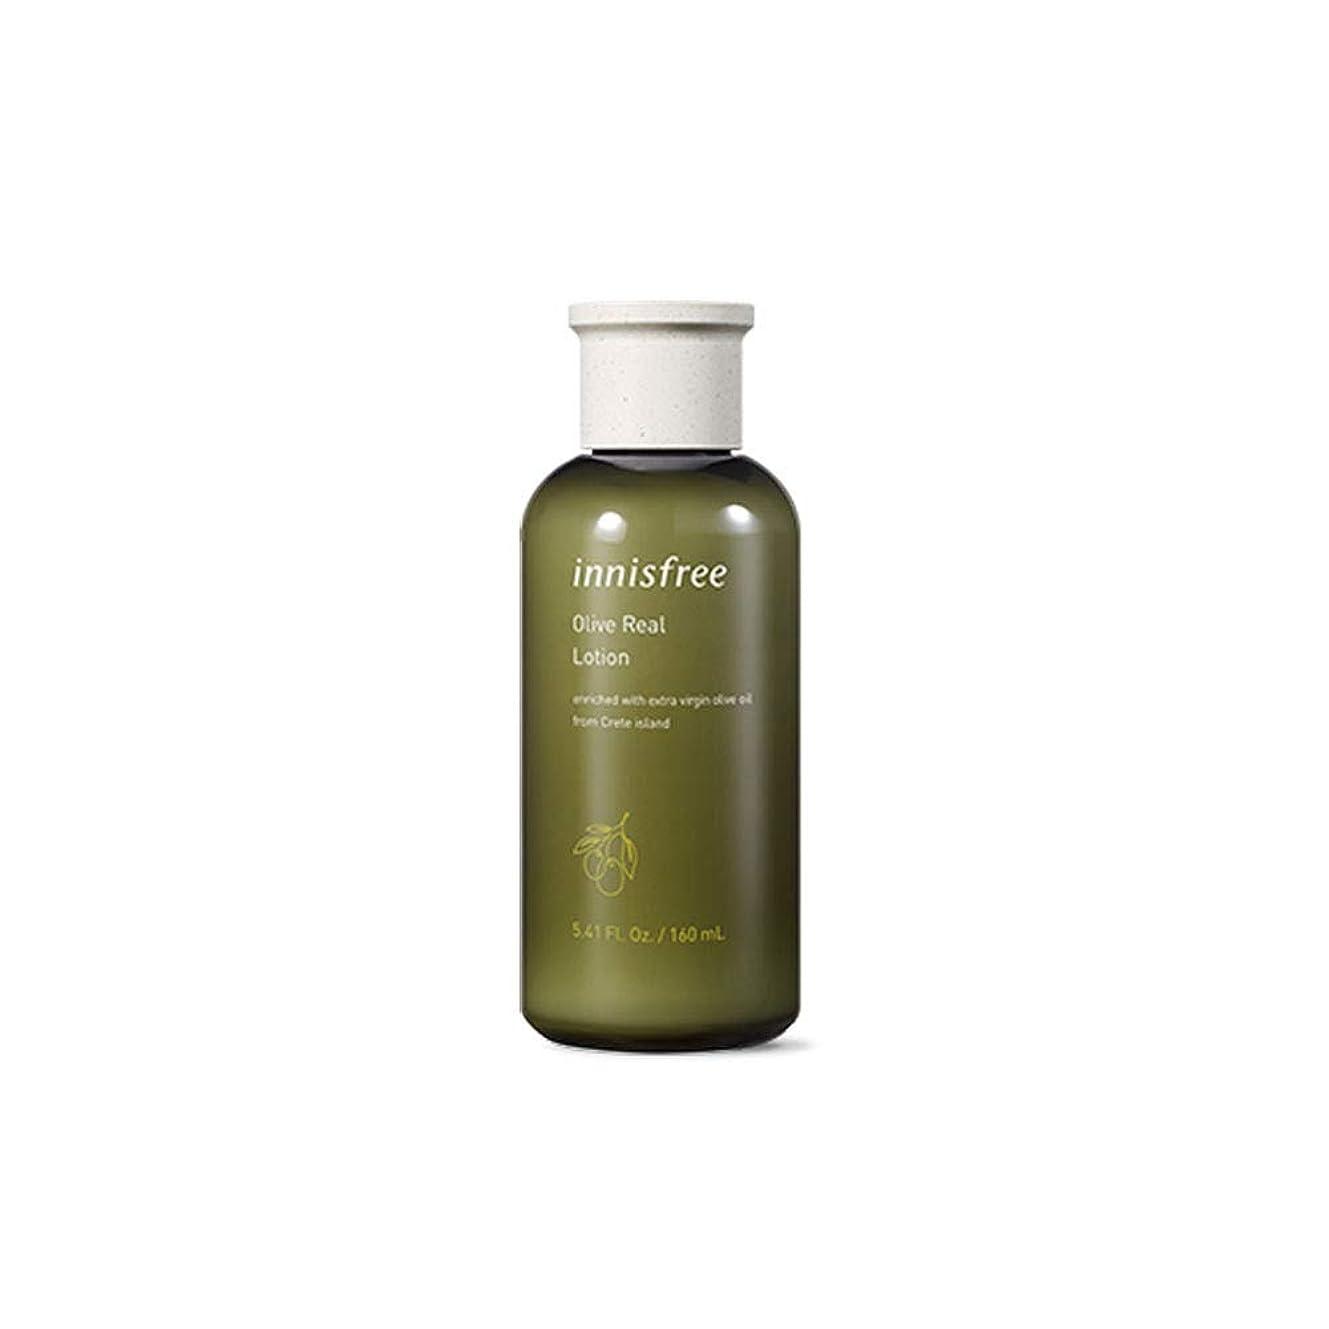 忠誠規則性歌うNEW[イニスフリー] Innisfree オリーブリアルローション乳液EX(160ml) Innisfree Olive Real Lotion(160ml)EX [海外直送品]